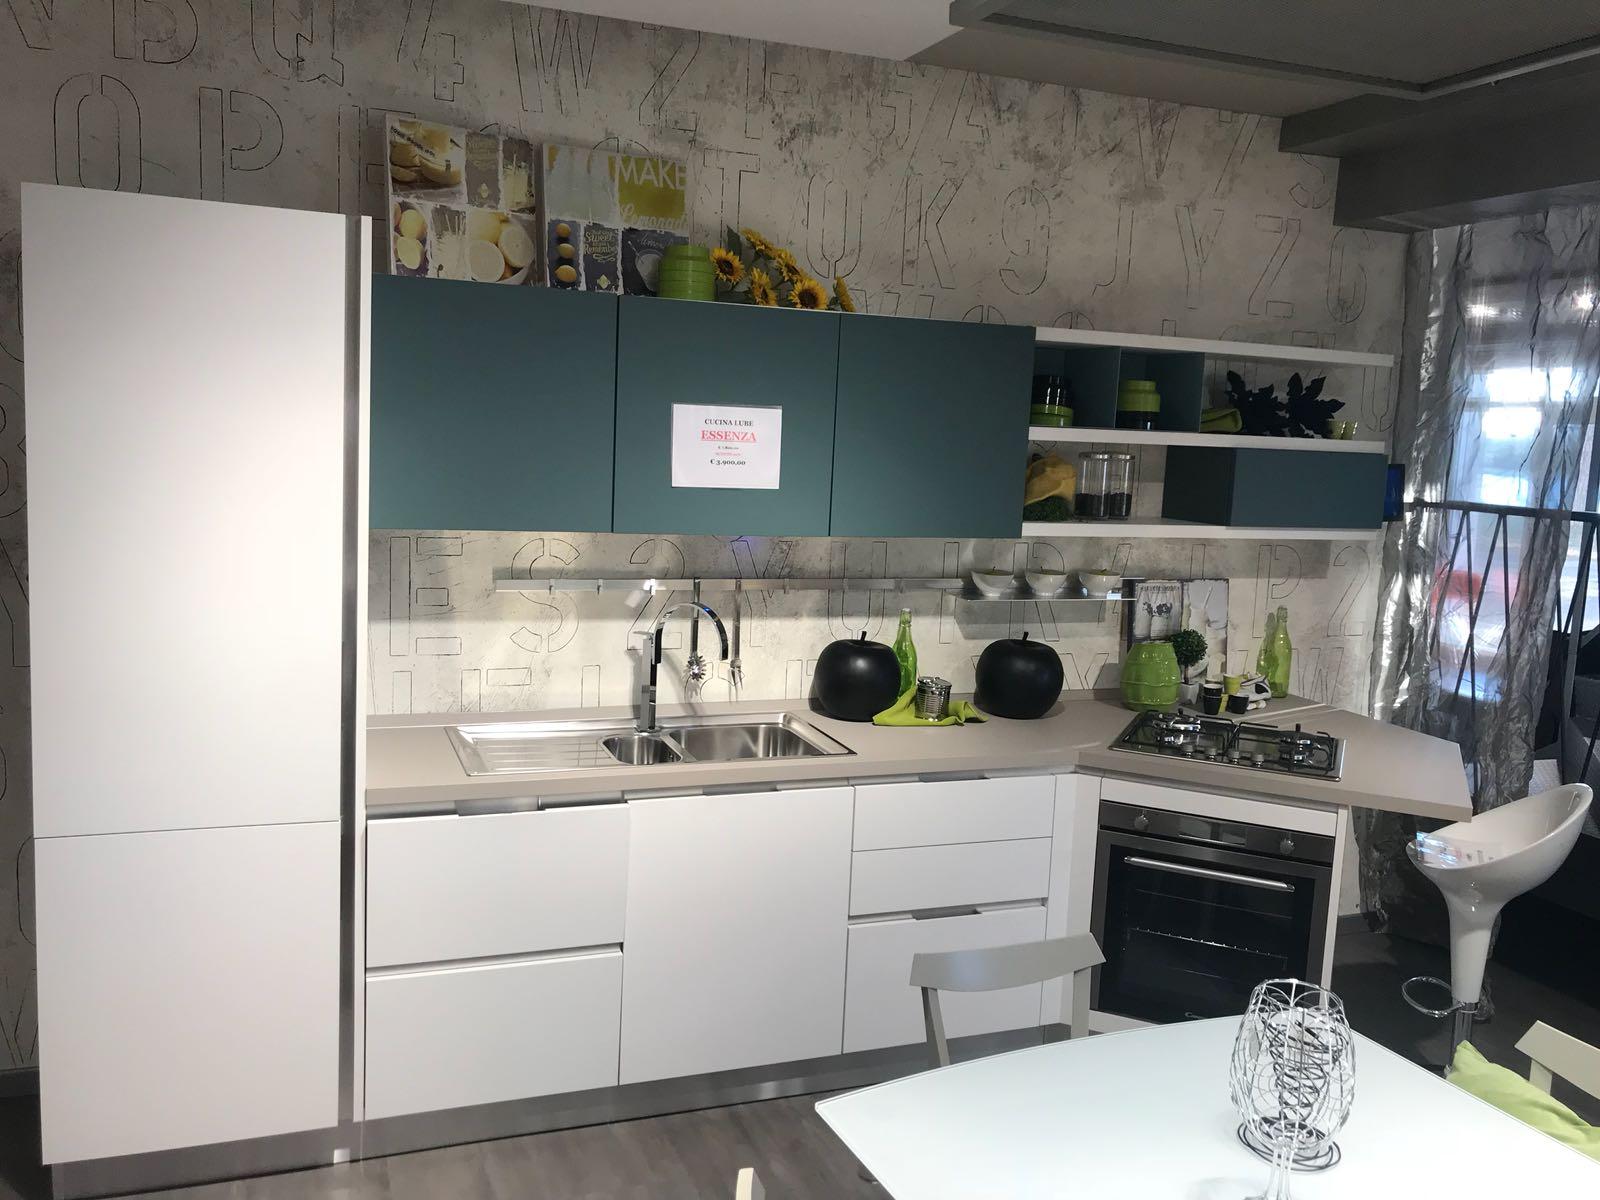 Cucina lube essenza cucine lube roma e nuova linea creo kitchens - Cucina essenza lube ...